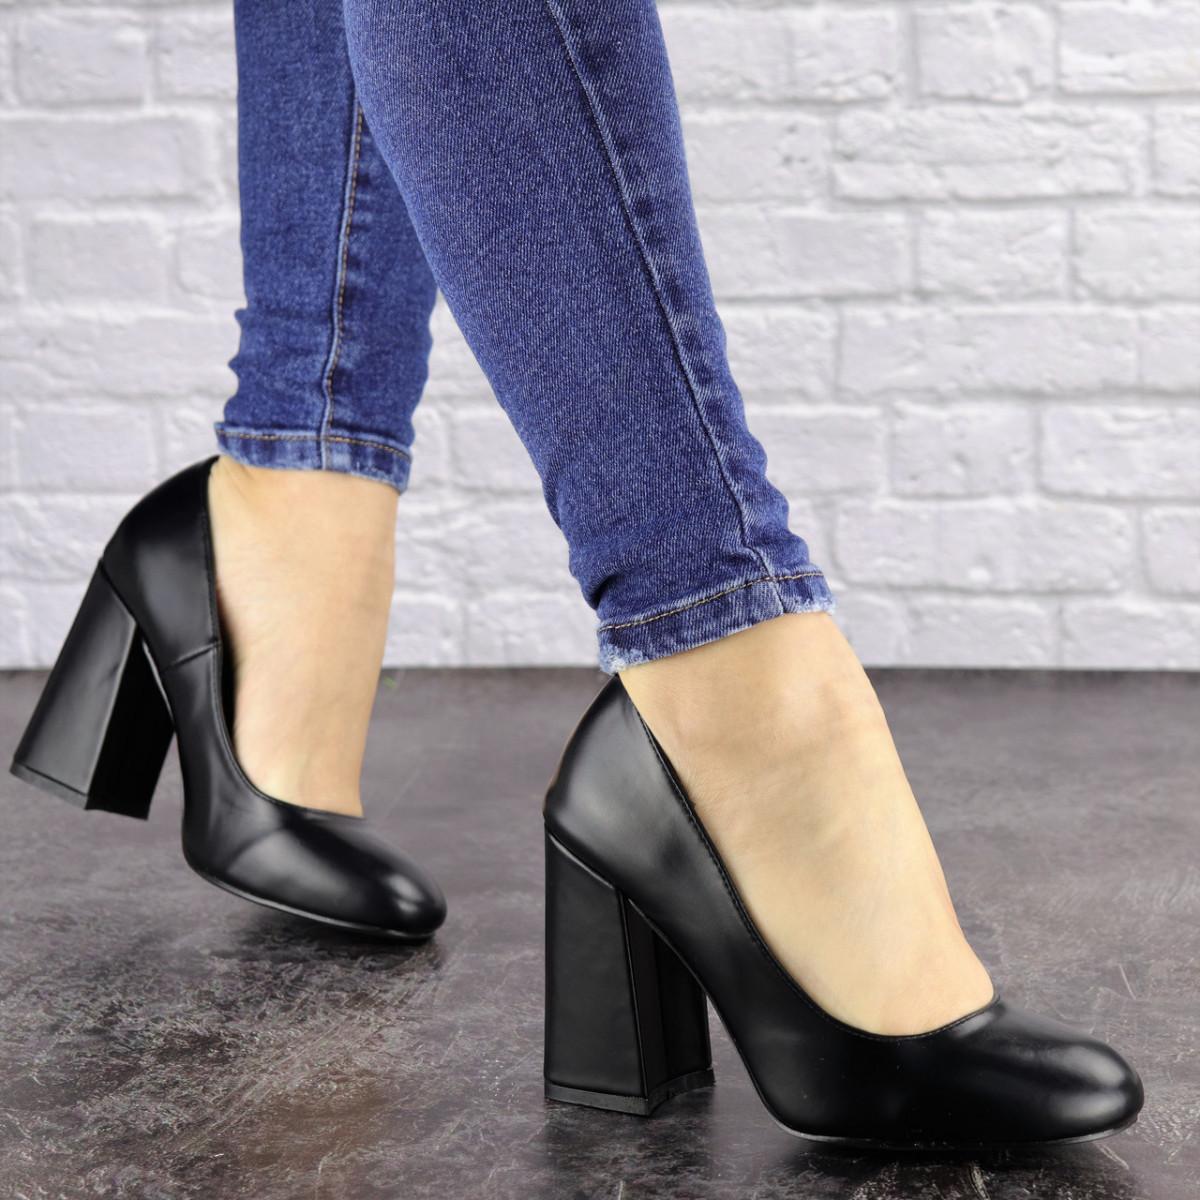 Туфли женские на каблуке Fashion Cahill 1521 36 размер 23,5 см Черный